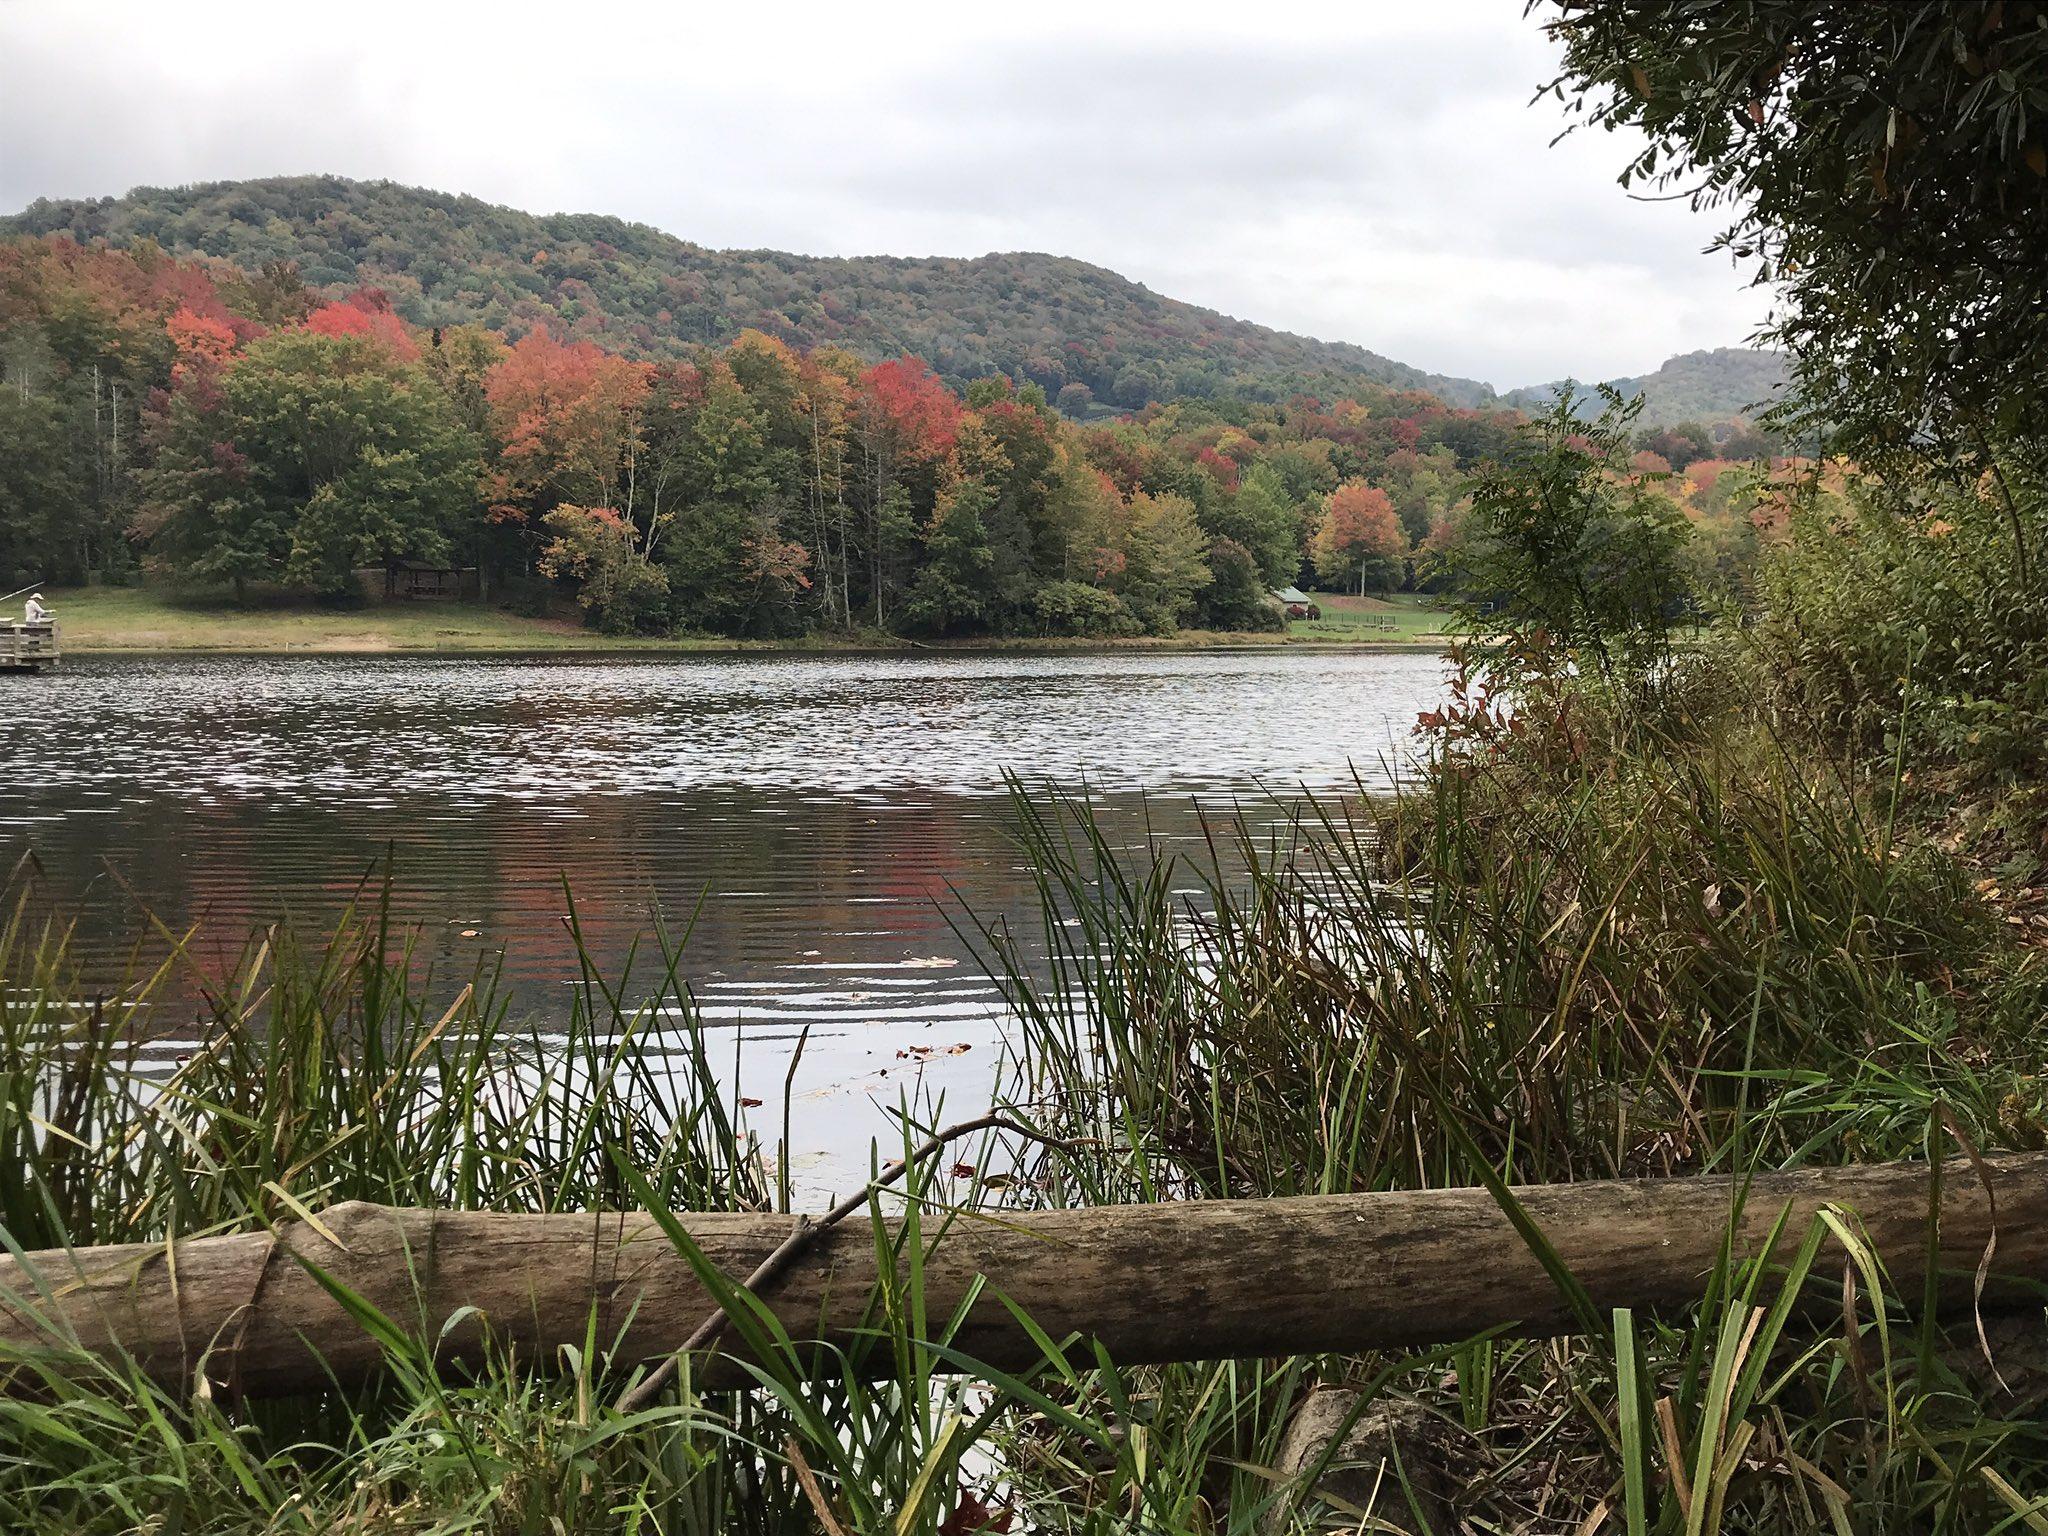 Sights of leaf weekend October 1-3, 2021